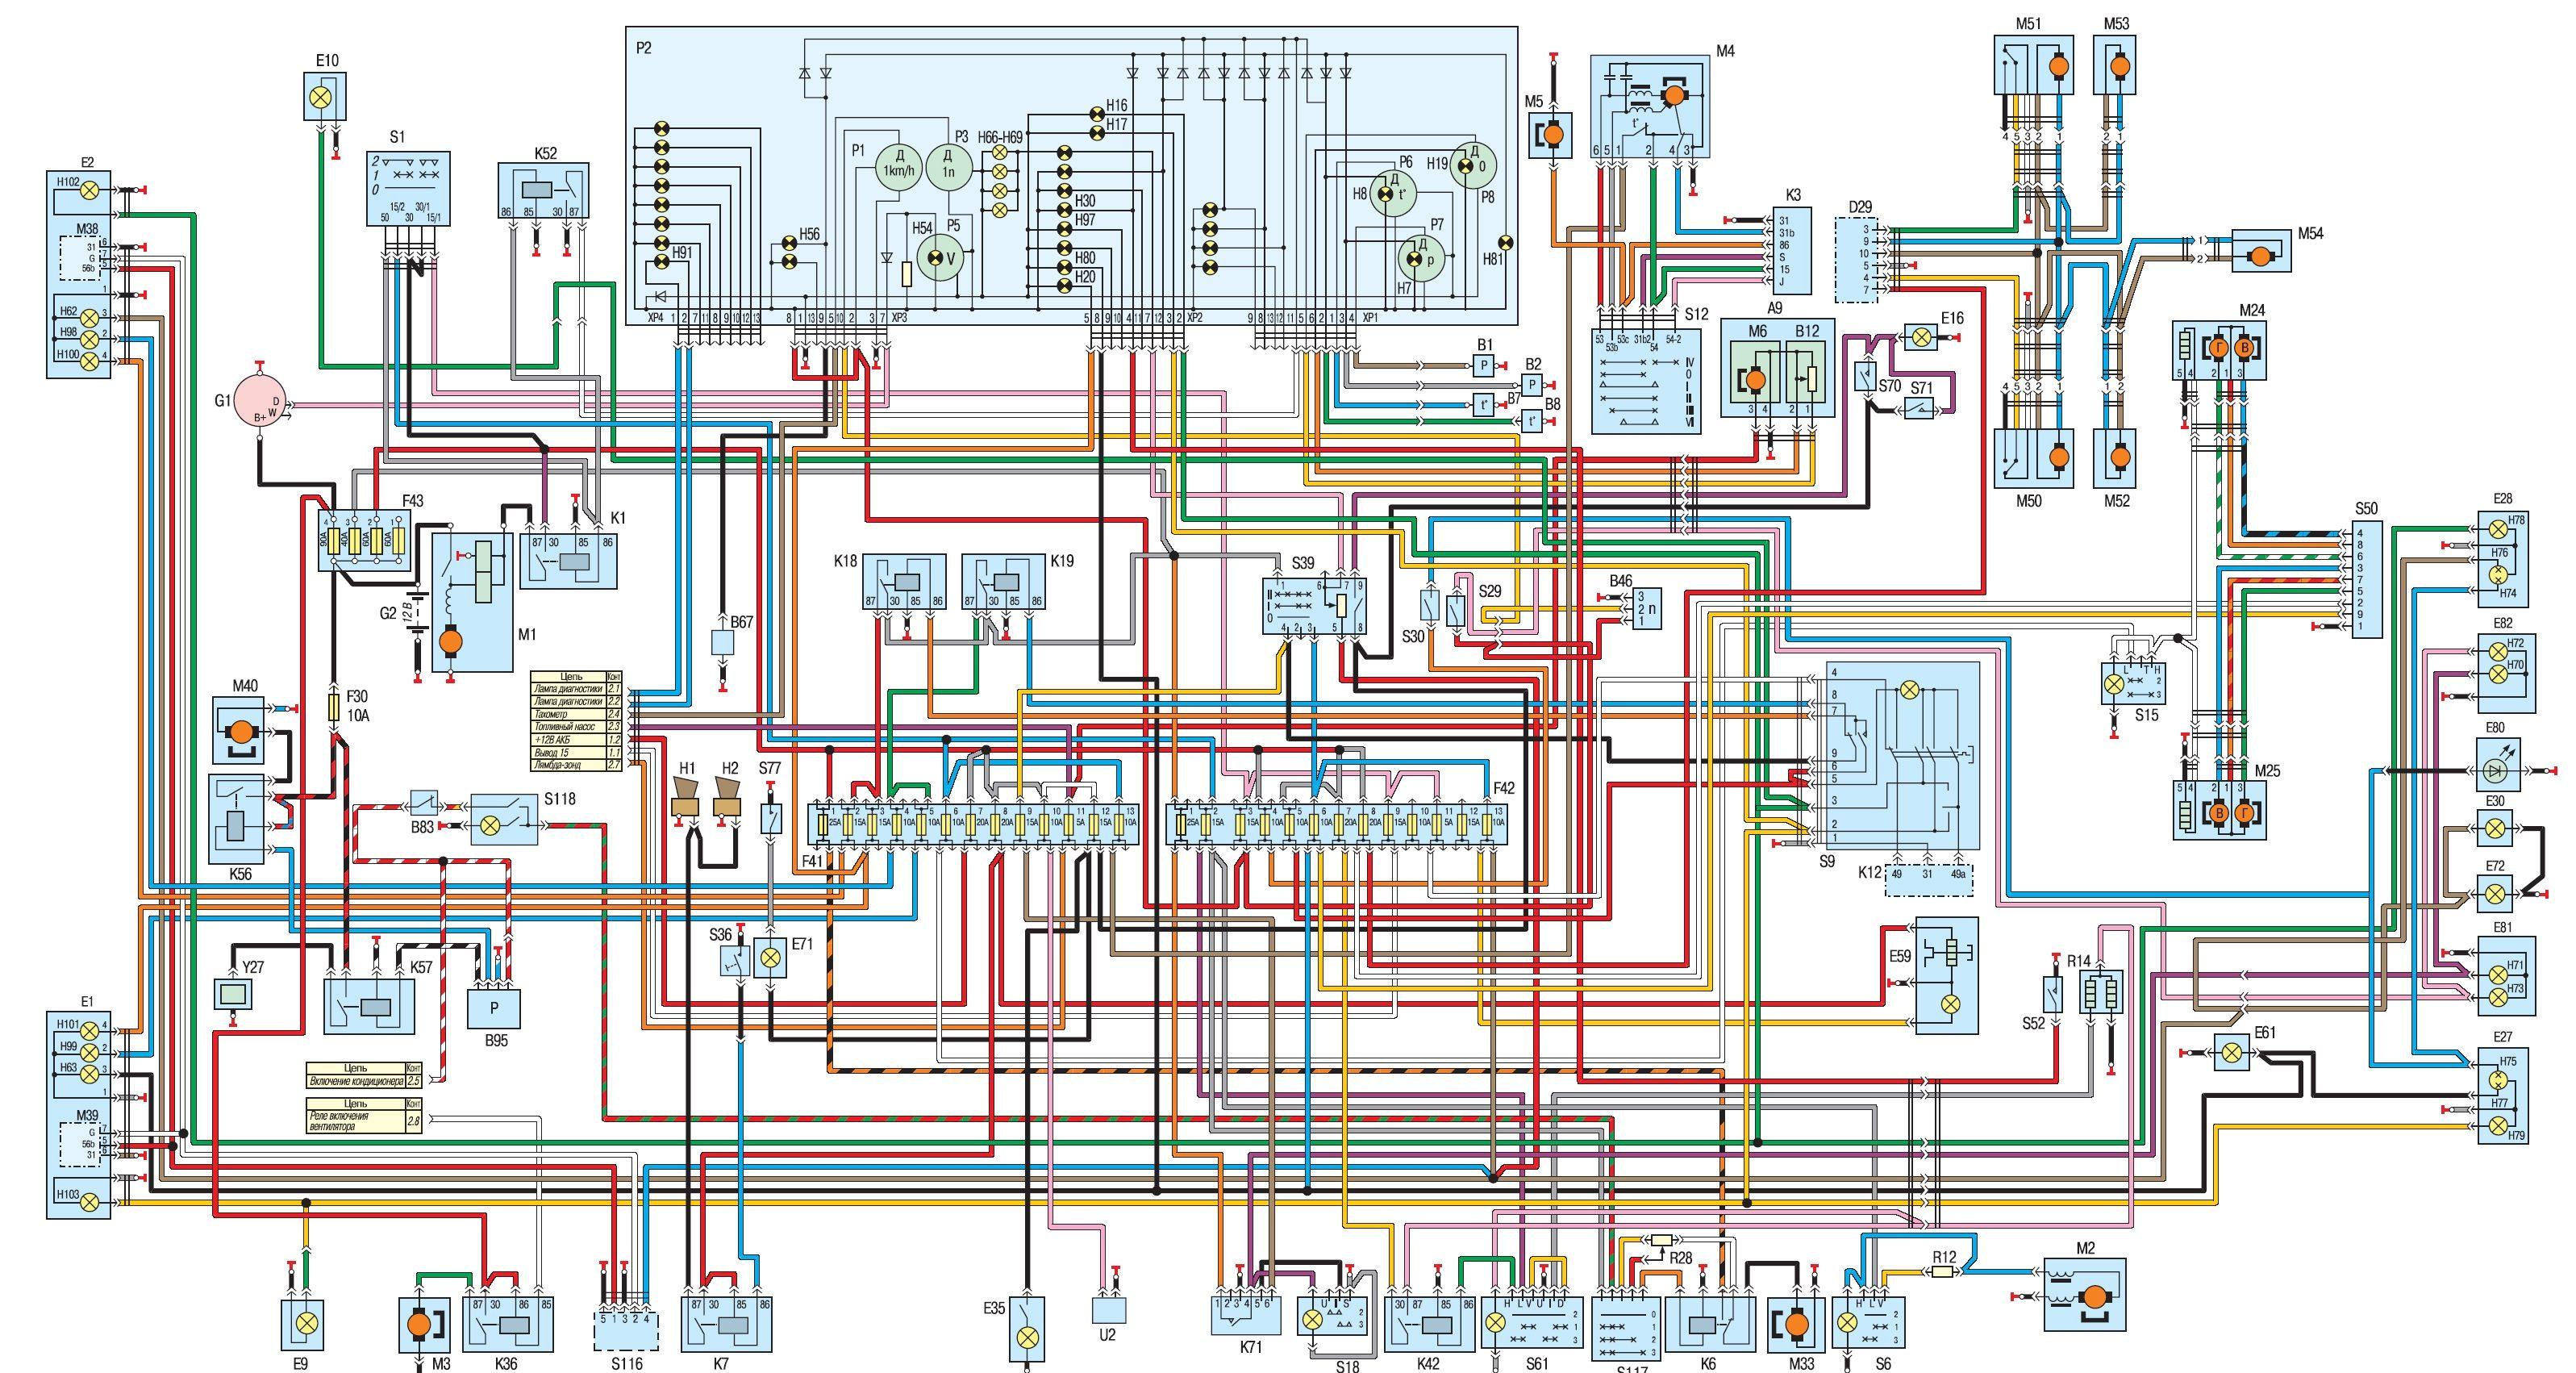 Принципиальная электрическая схема климатической установки газ-31105.